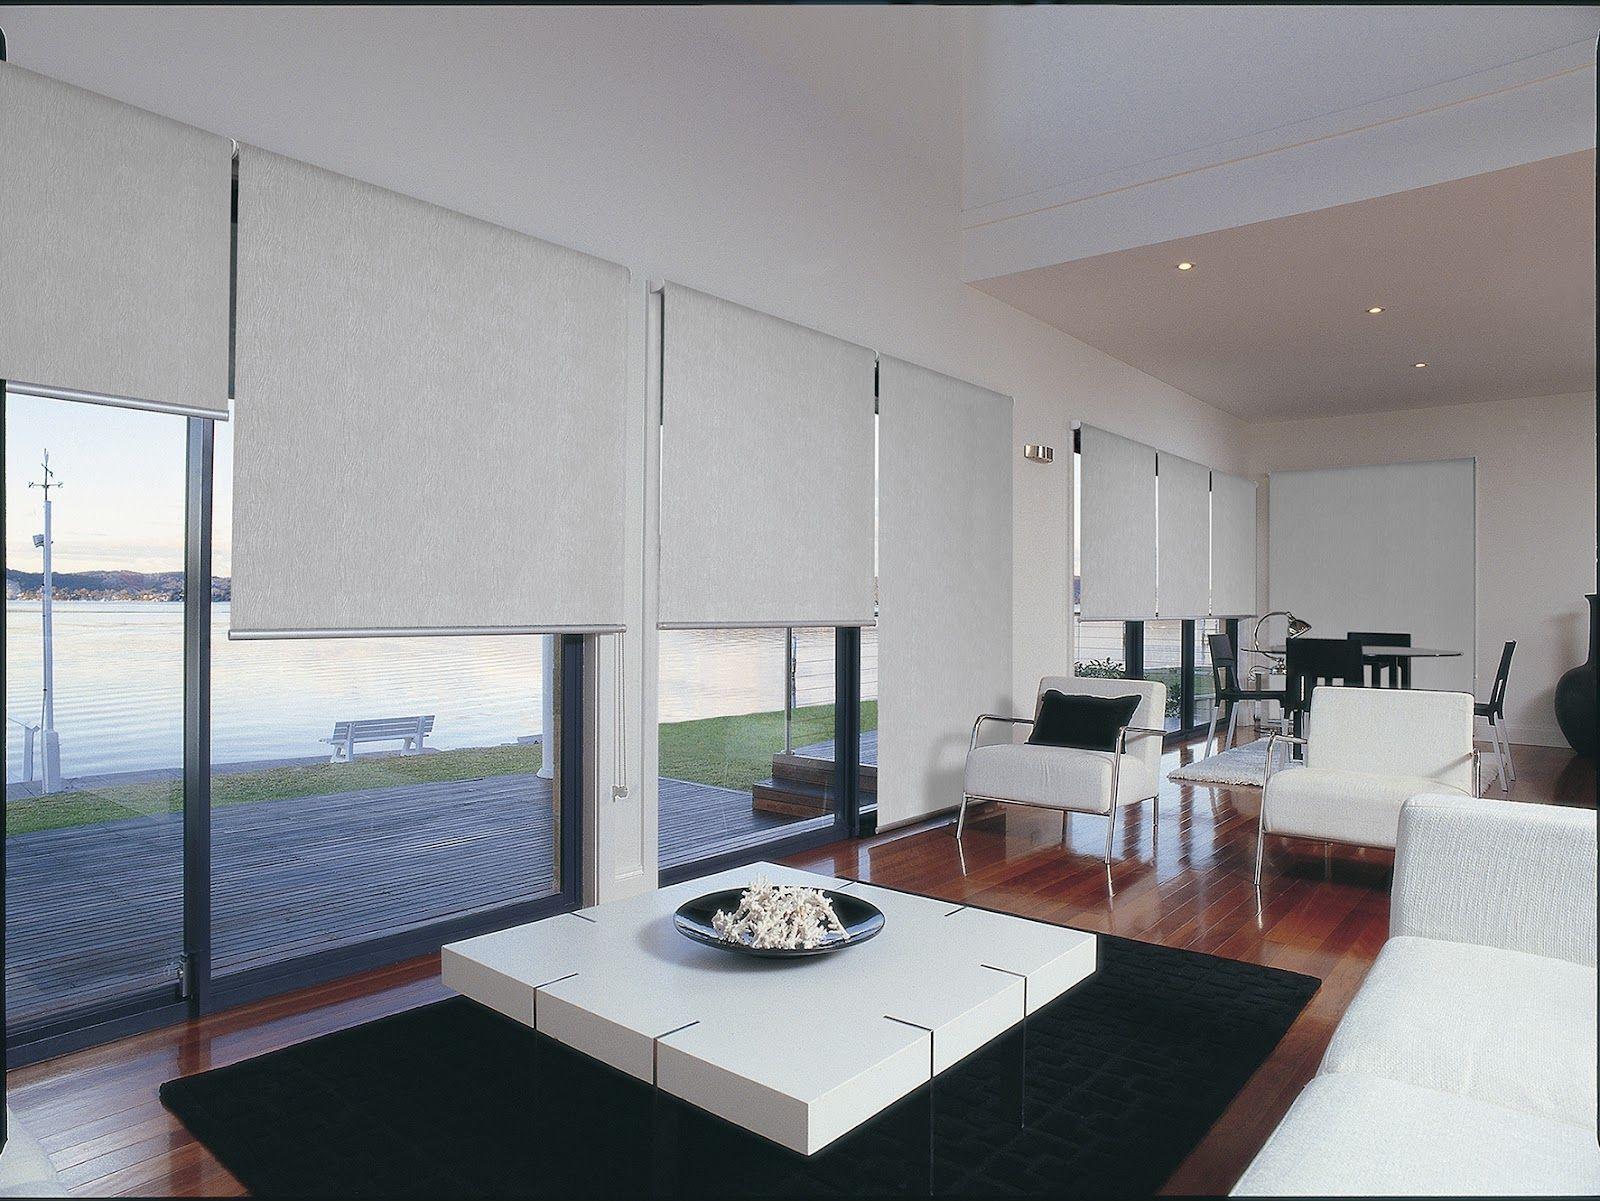 Modern Window Blinds - Cortinas roller decorartehogar un toque especial en cada ambiente www decorartehogar com